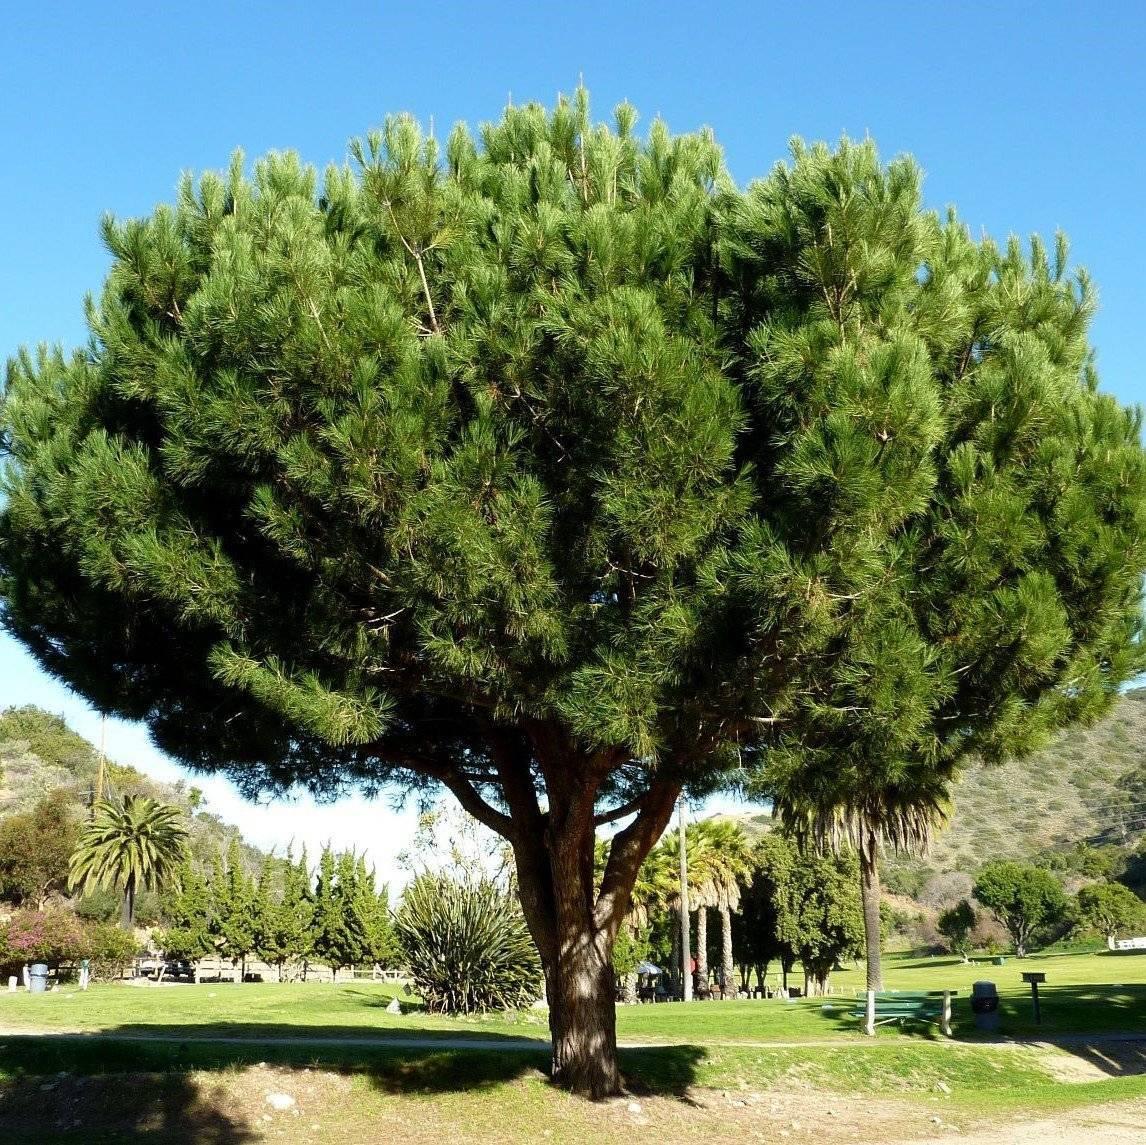 Пиния итальянская: особенности выращивания и ухода за средиземноморской сосной, применение семян pinus pinea